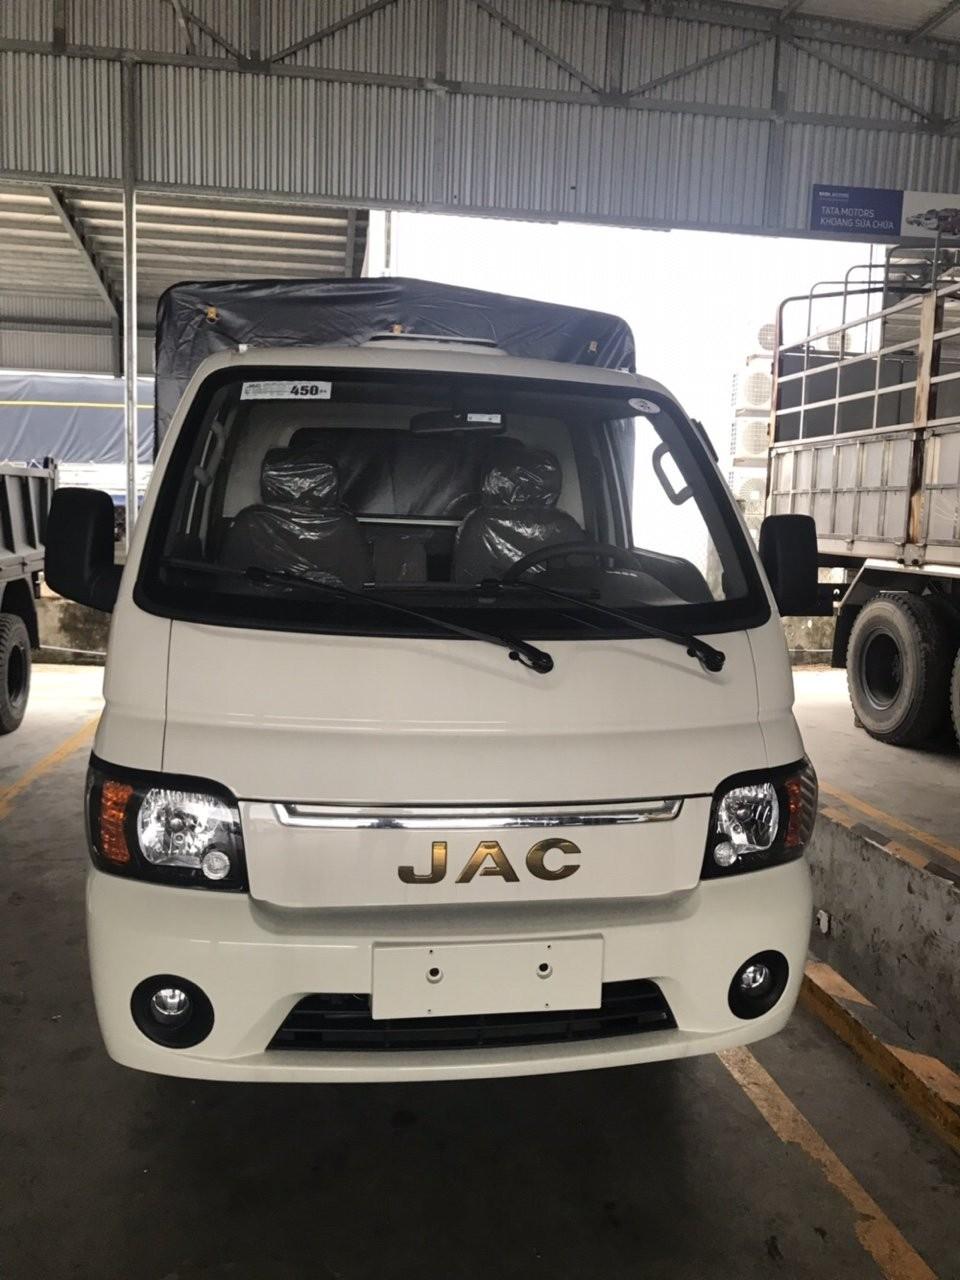 Đại lý xe Jac tại Đà Nẵng